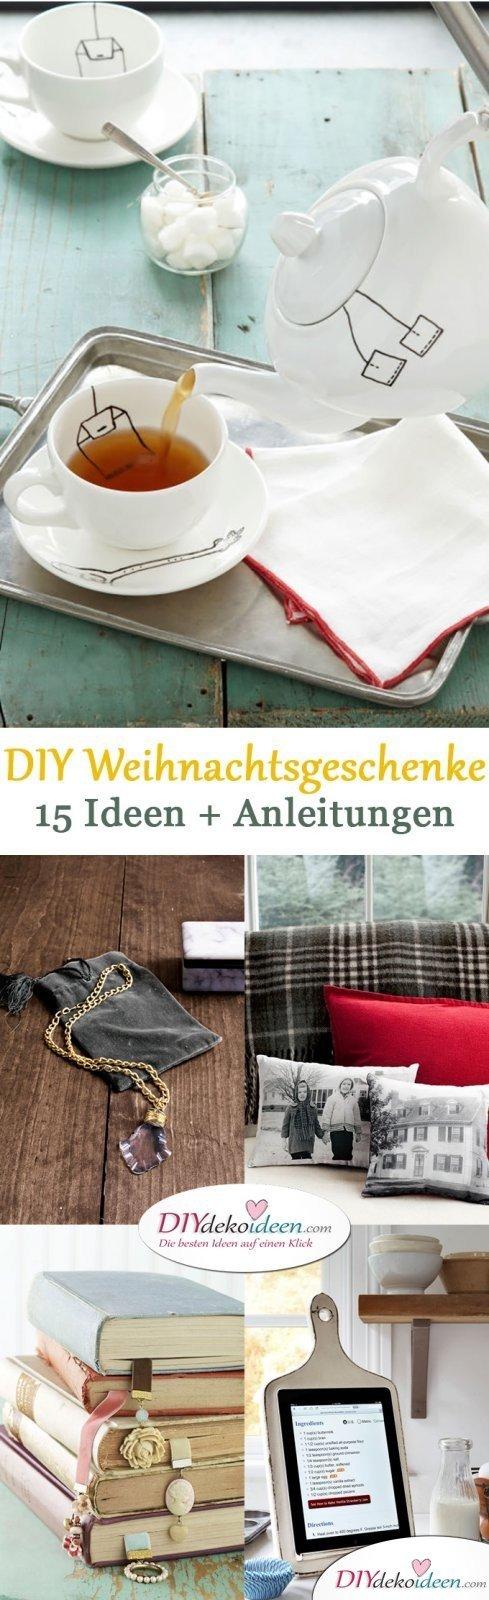 DIY Weihnachtsgeschenke - 15 Ideen und Anleitungen